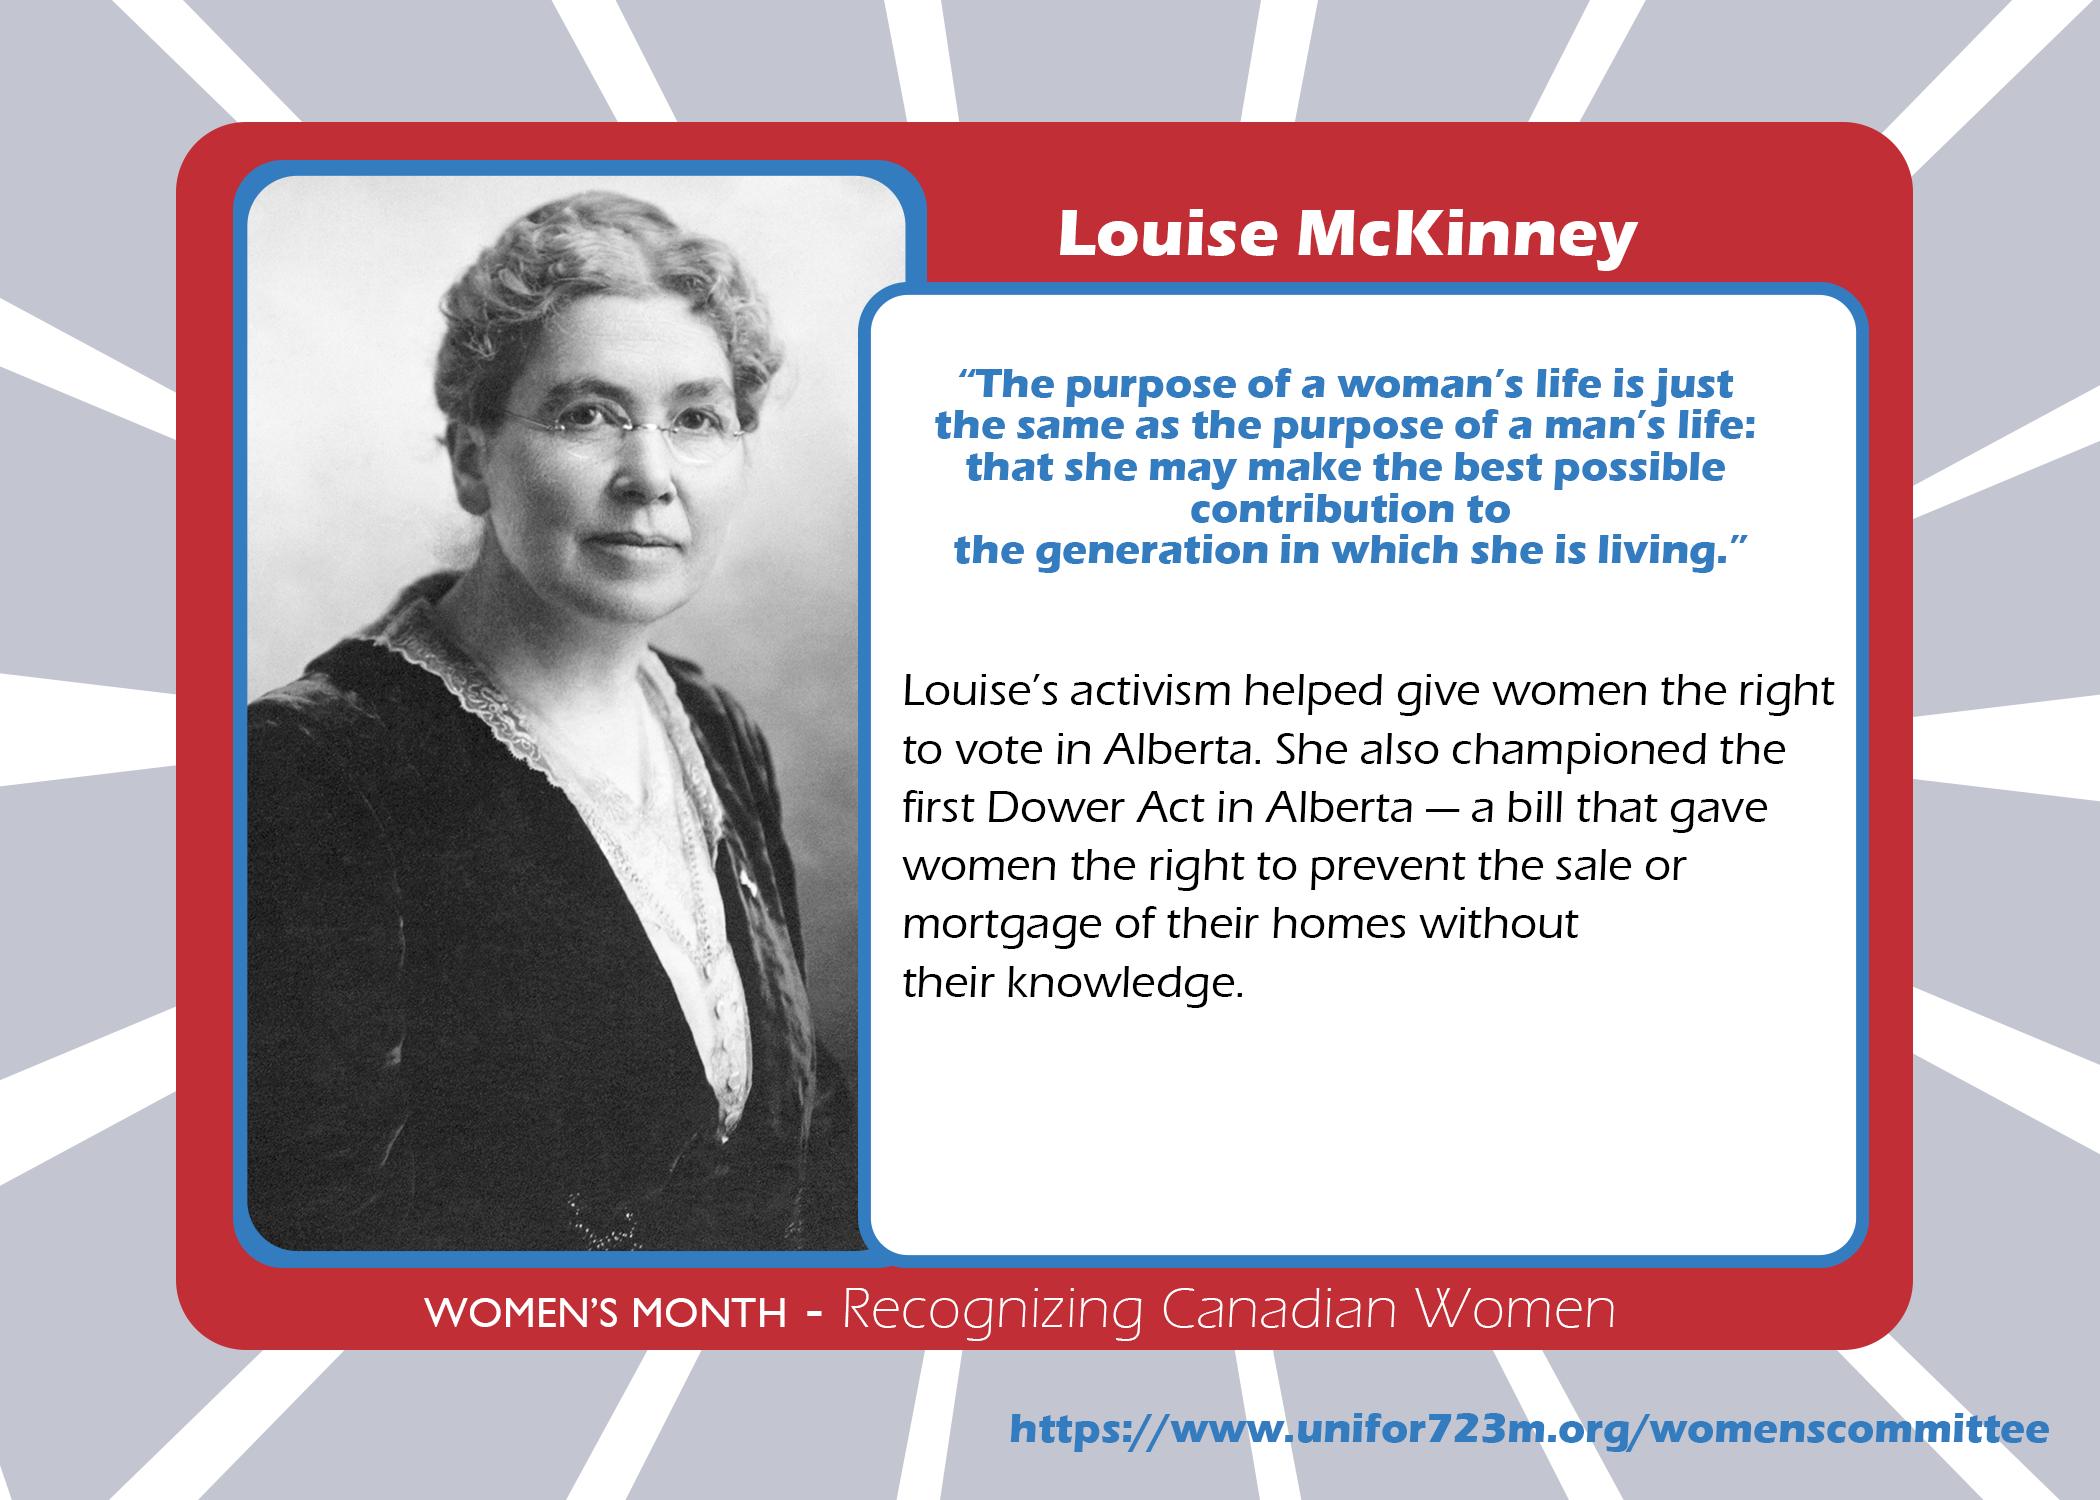 Louise McKinney